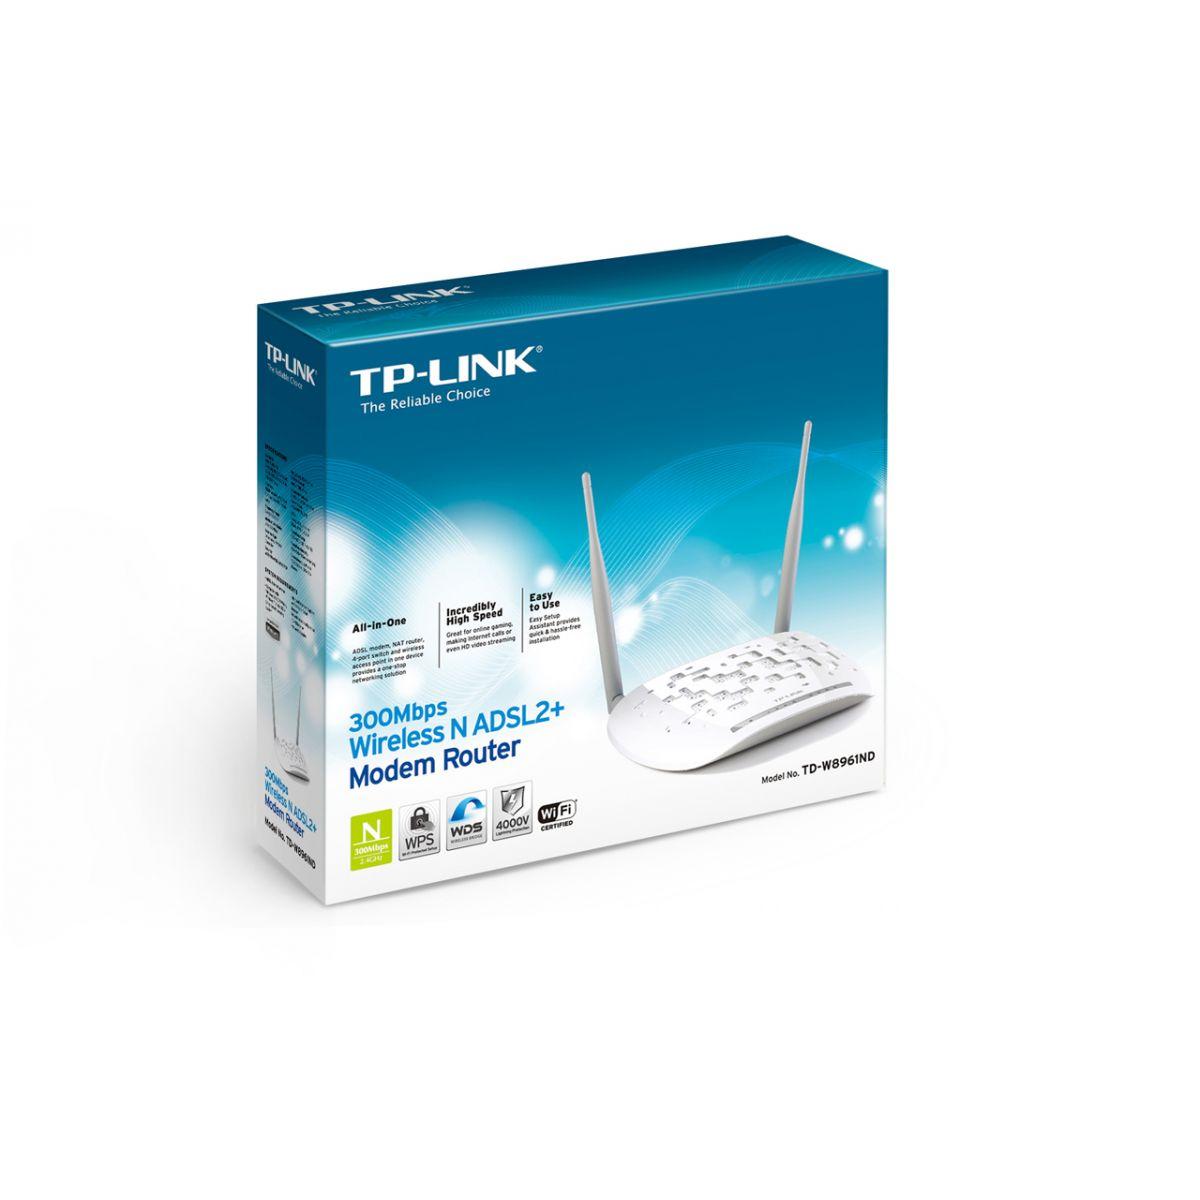 Modem TP-Link Wireless ADSL2+ N 300Mbps TD-W8961ND  - ShopNoroeste.com.br